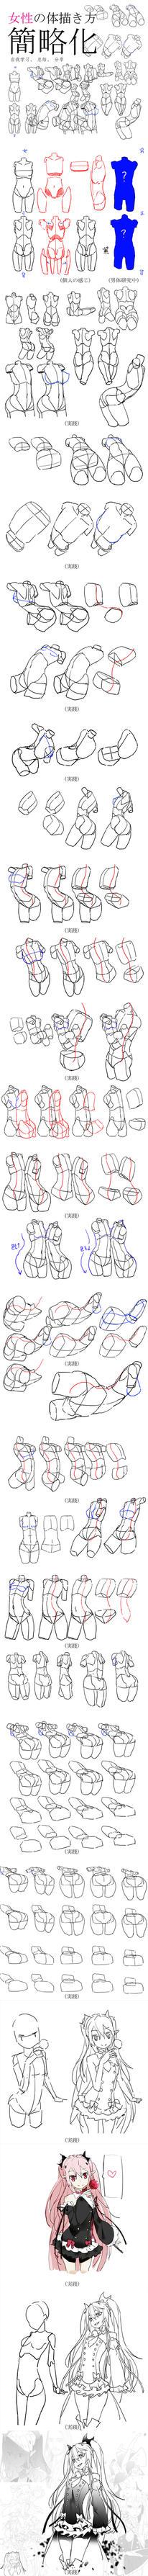 Body(girl) exercise by DanEvan-ArtWork